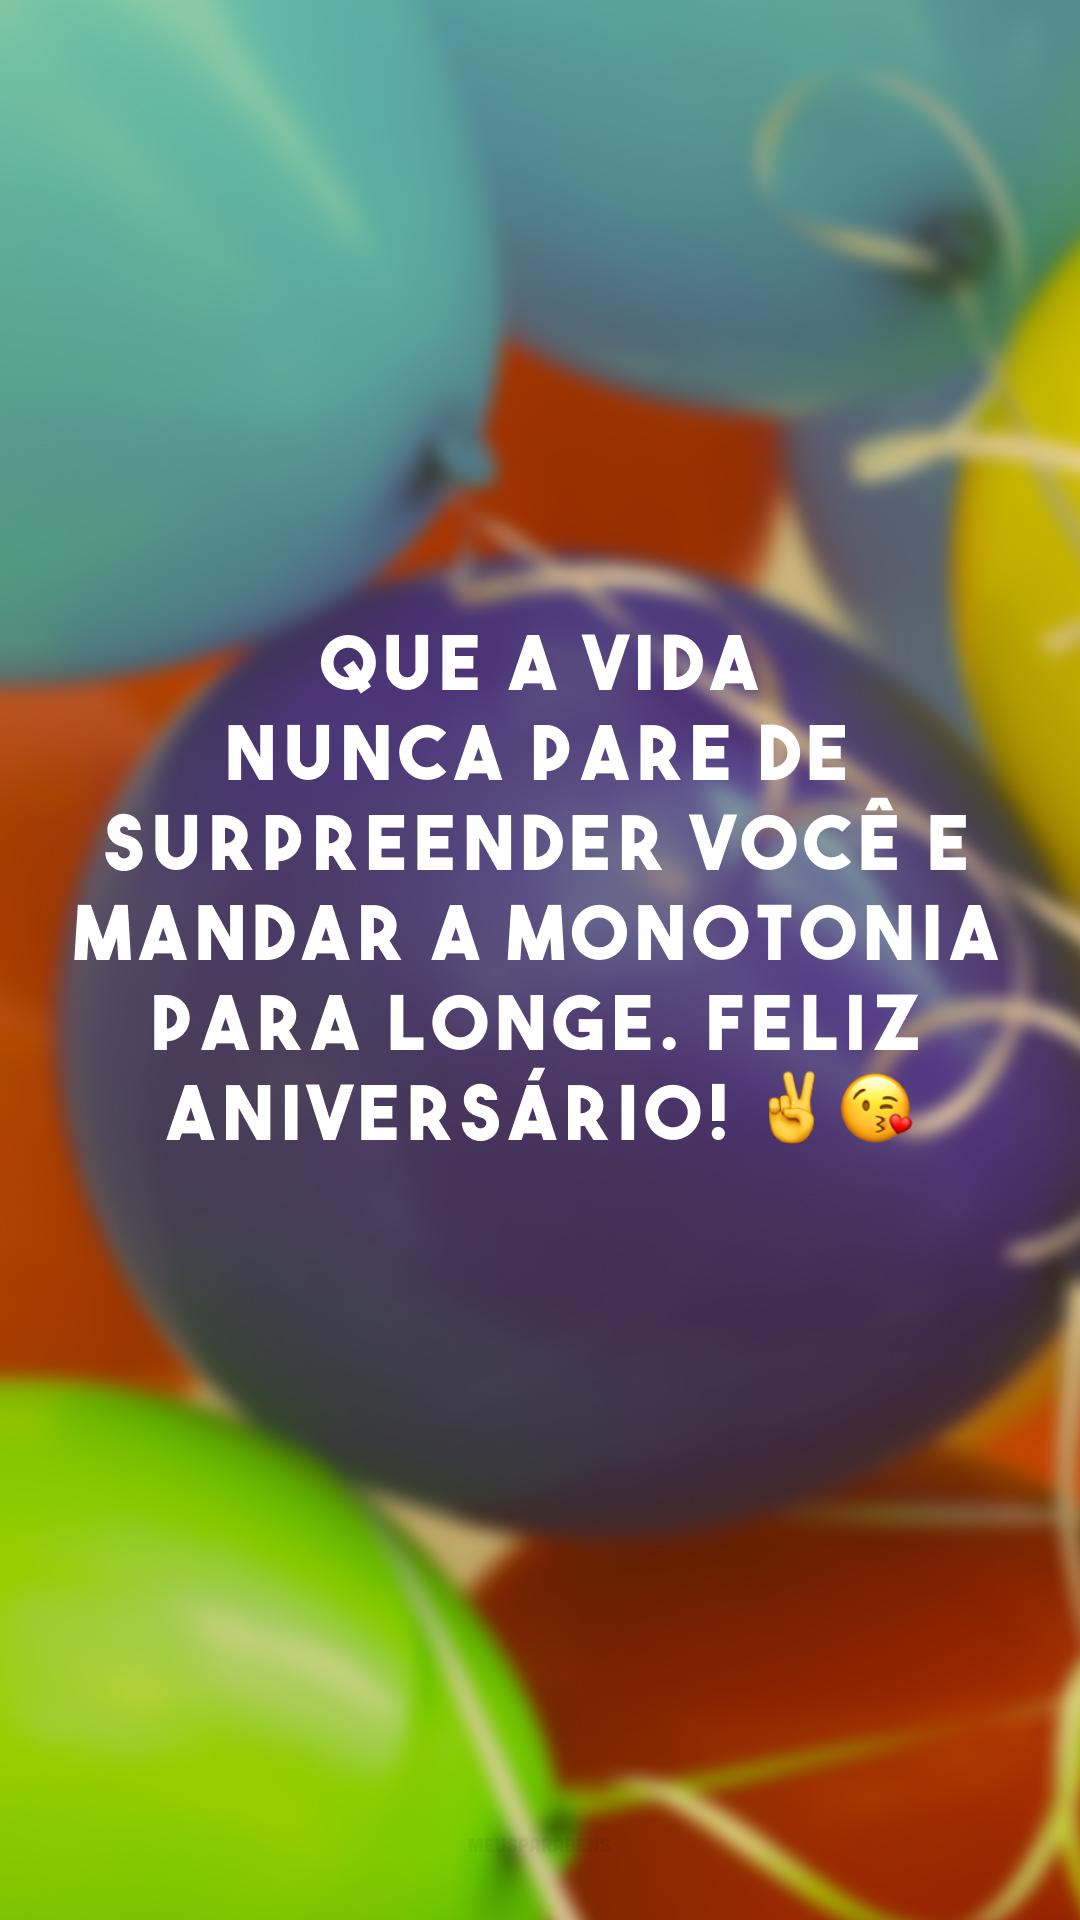 Que a vida nunca pare de surpreender você e mandar a monotonia para longe. Feliz aniversário! ✌?